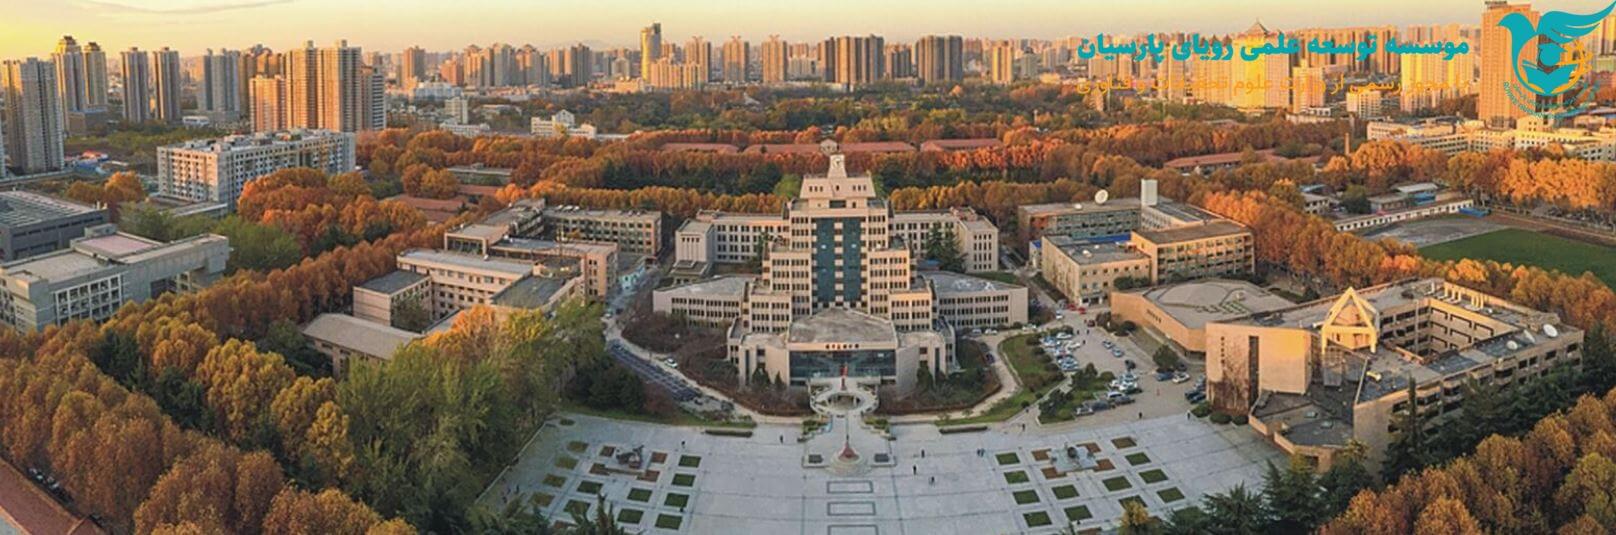 دانشگاه شیان جیائوتونگ